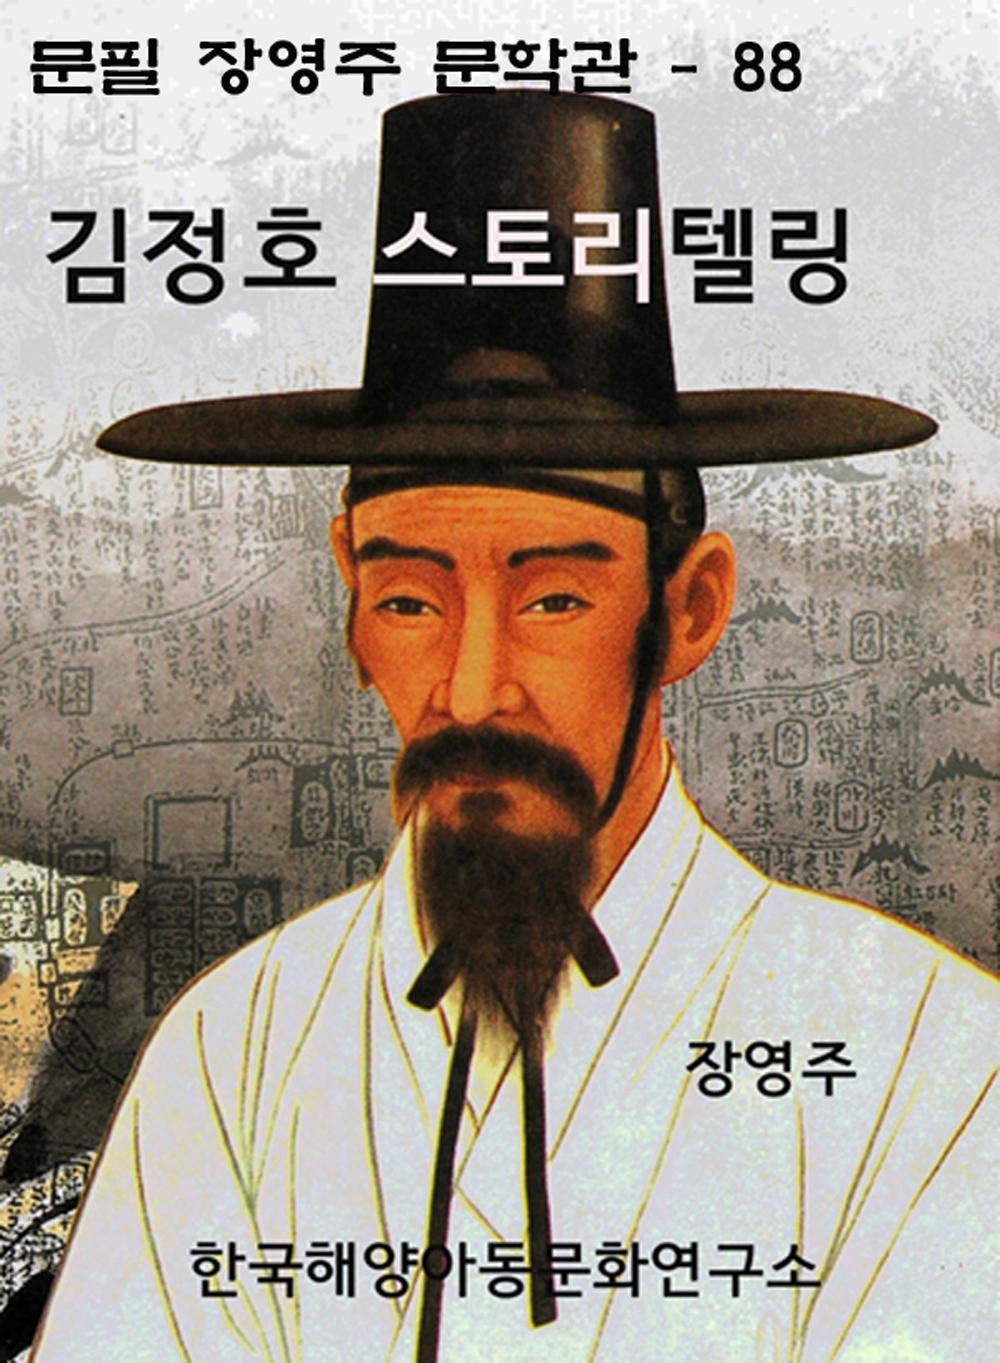 김정호 스토리텔링